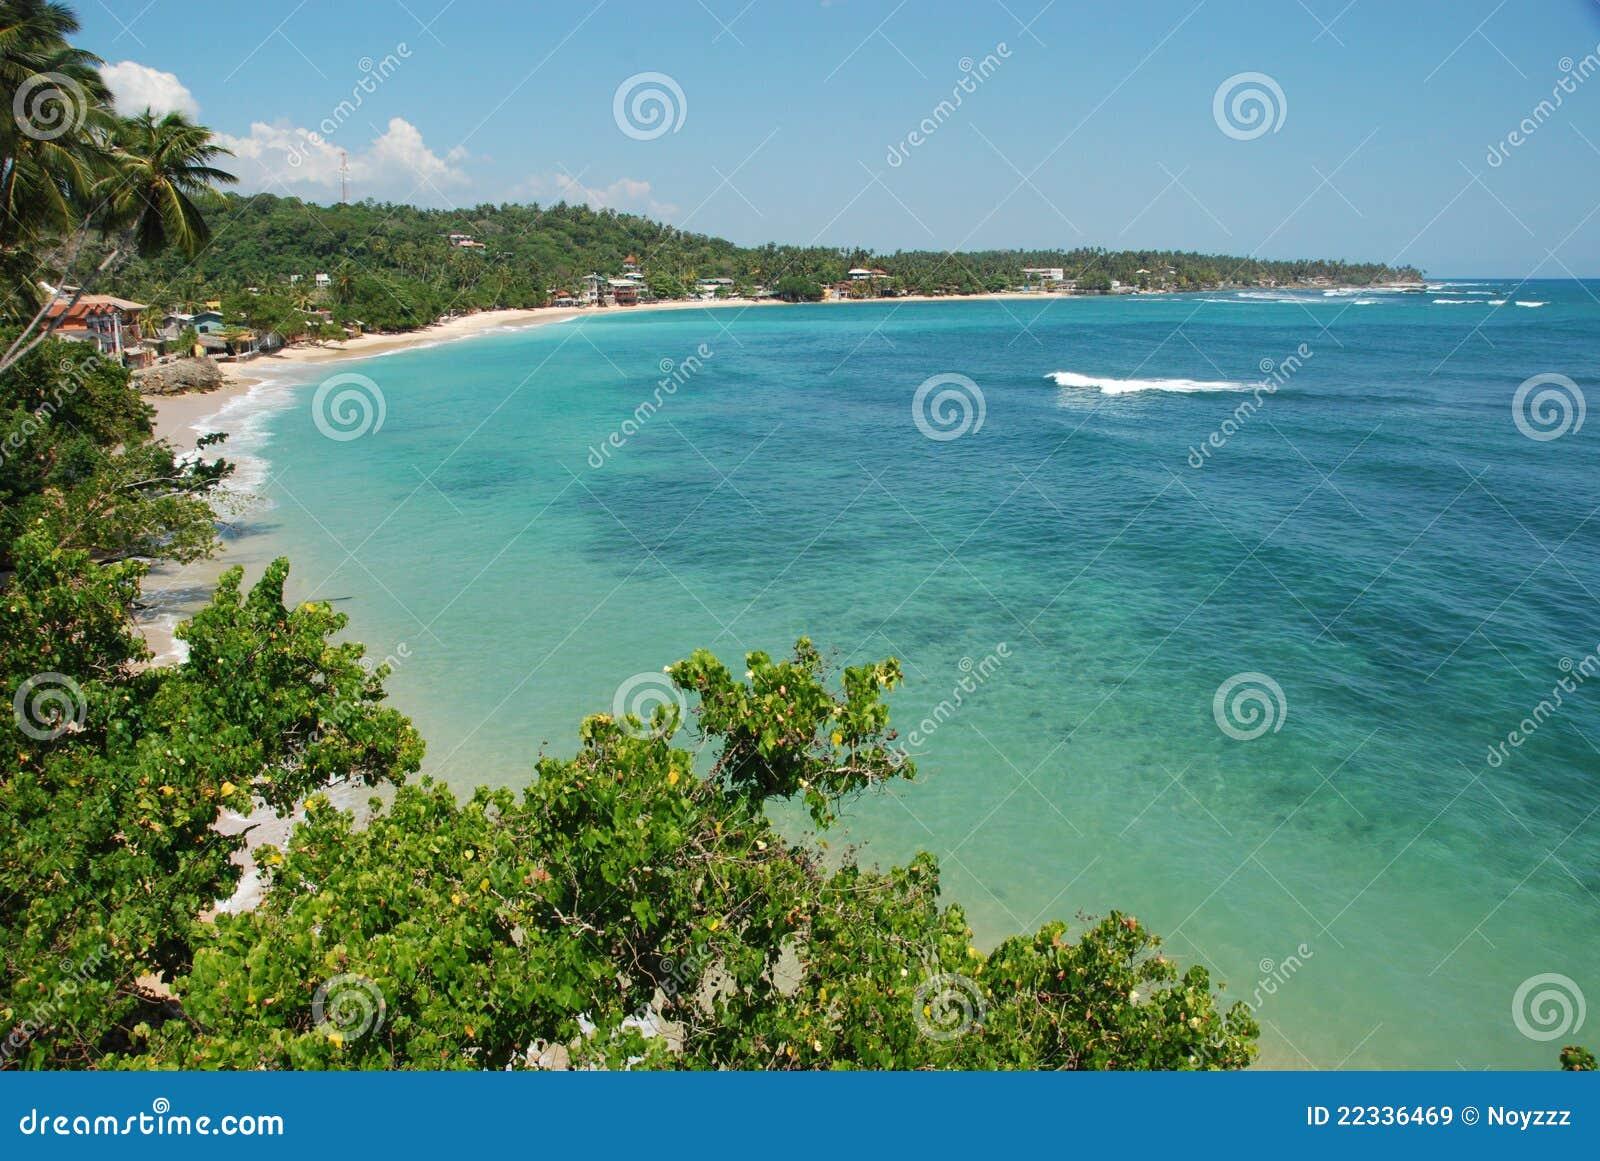 Spiaggia tropicale baia di unawatuna immagine stock for Disegni di casa sulla spiaggia tropicale